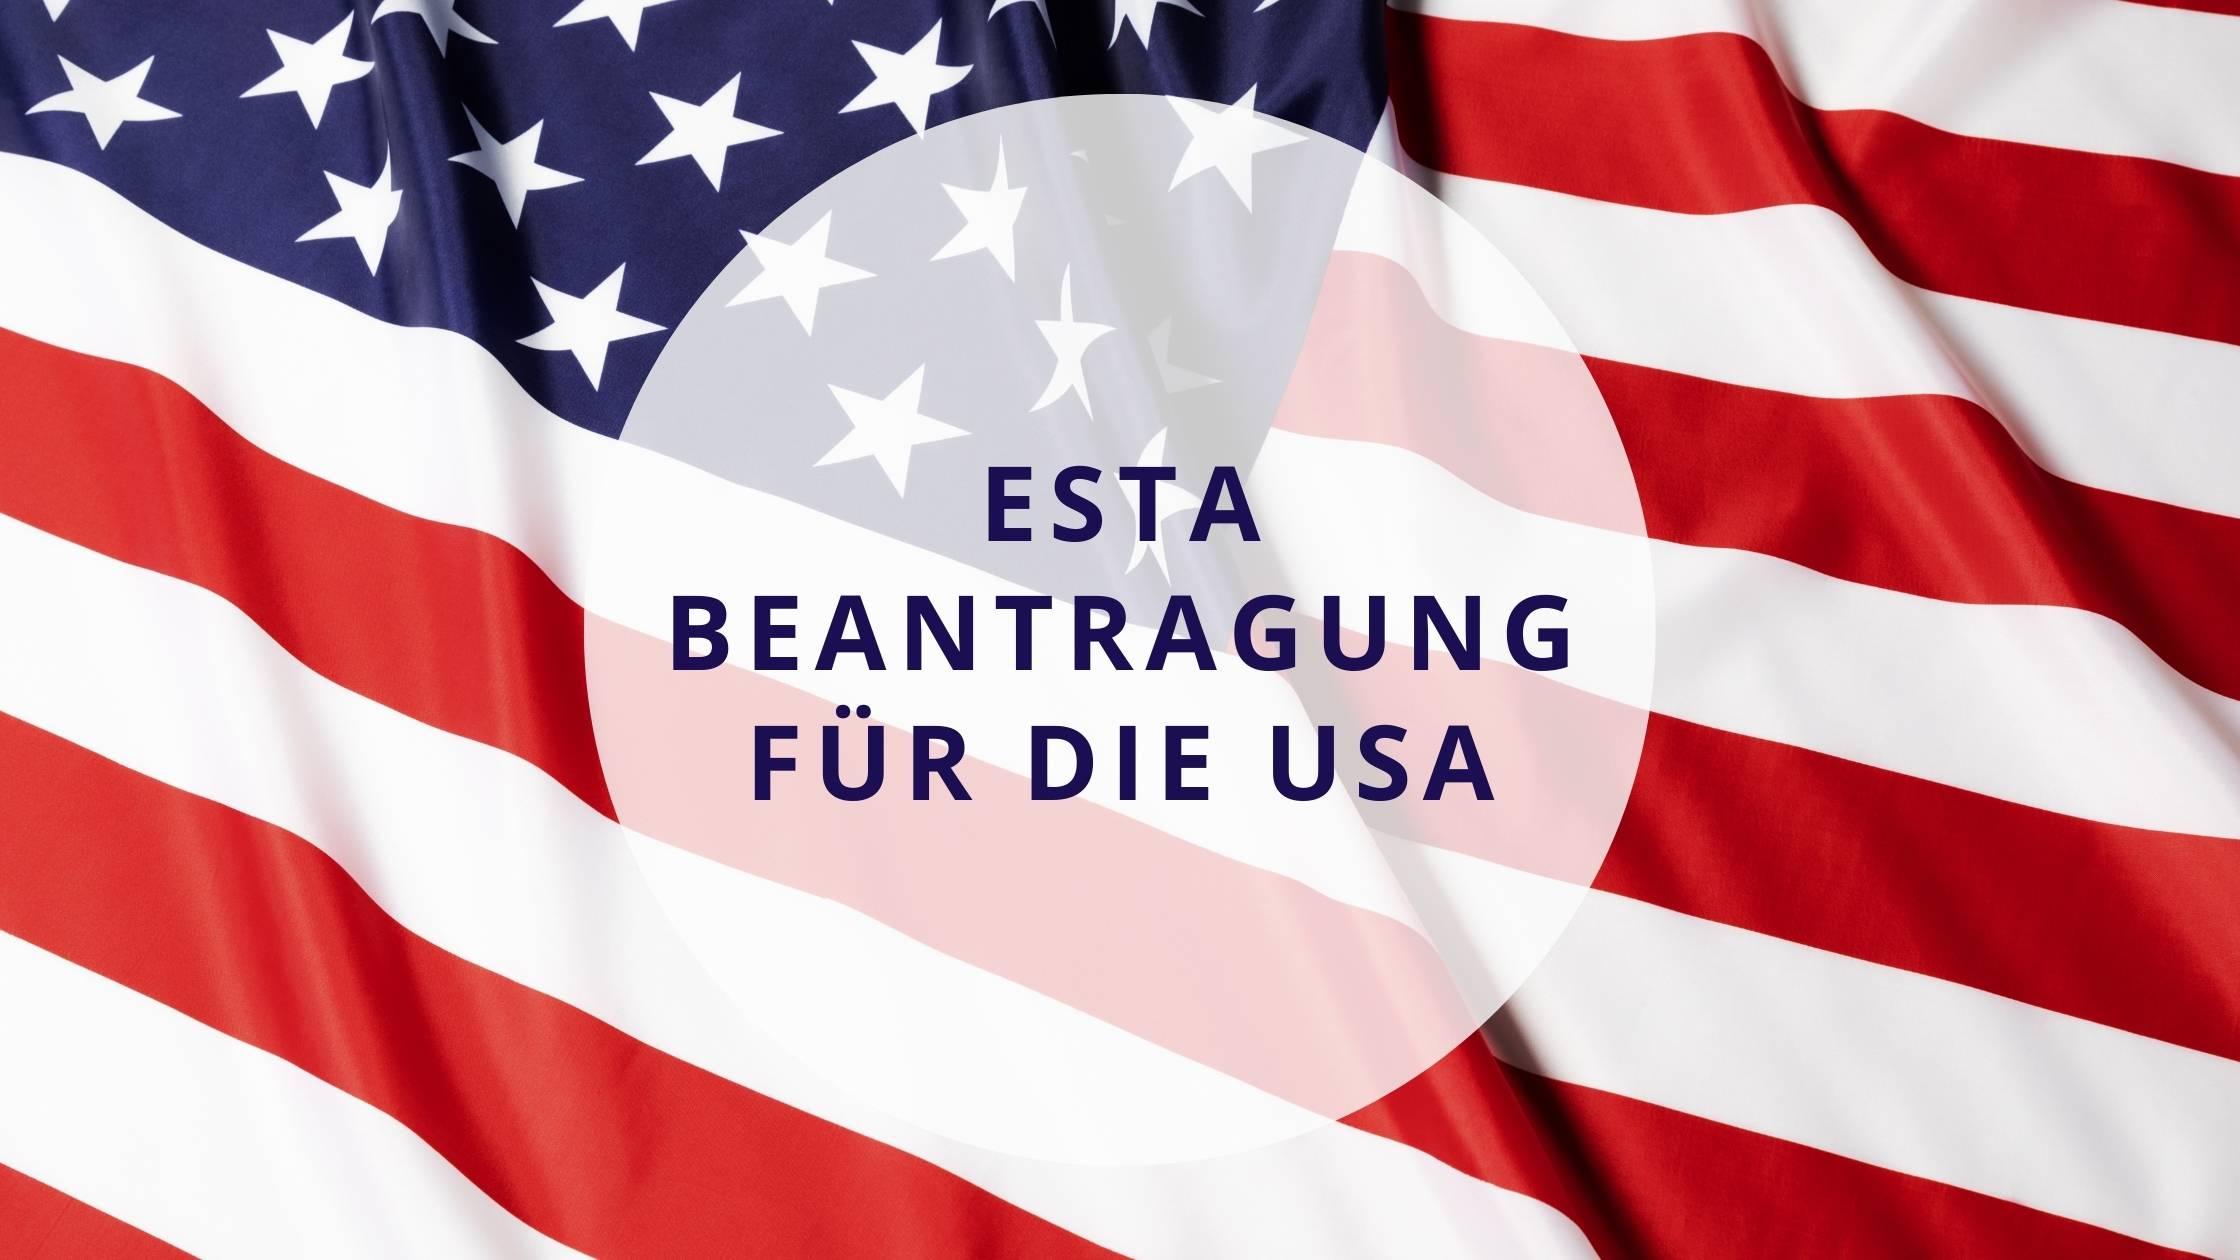 ESTA Beantragung für die USA